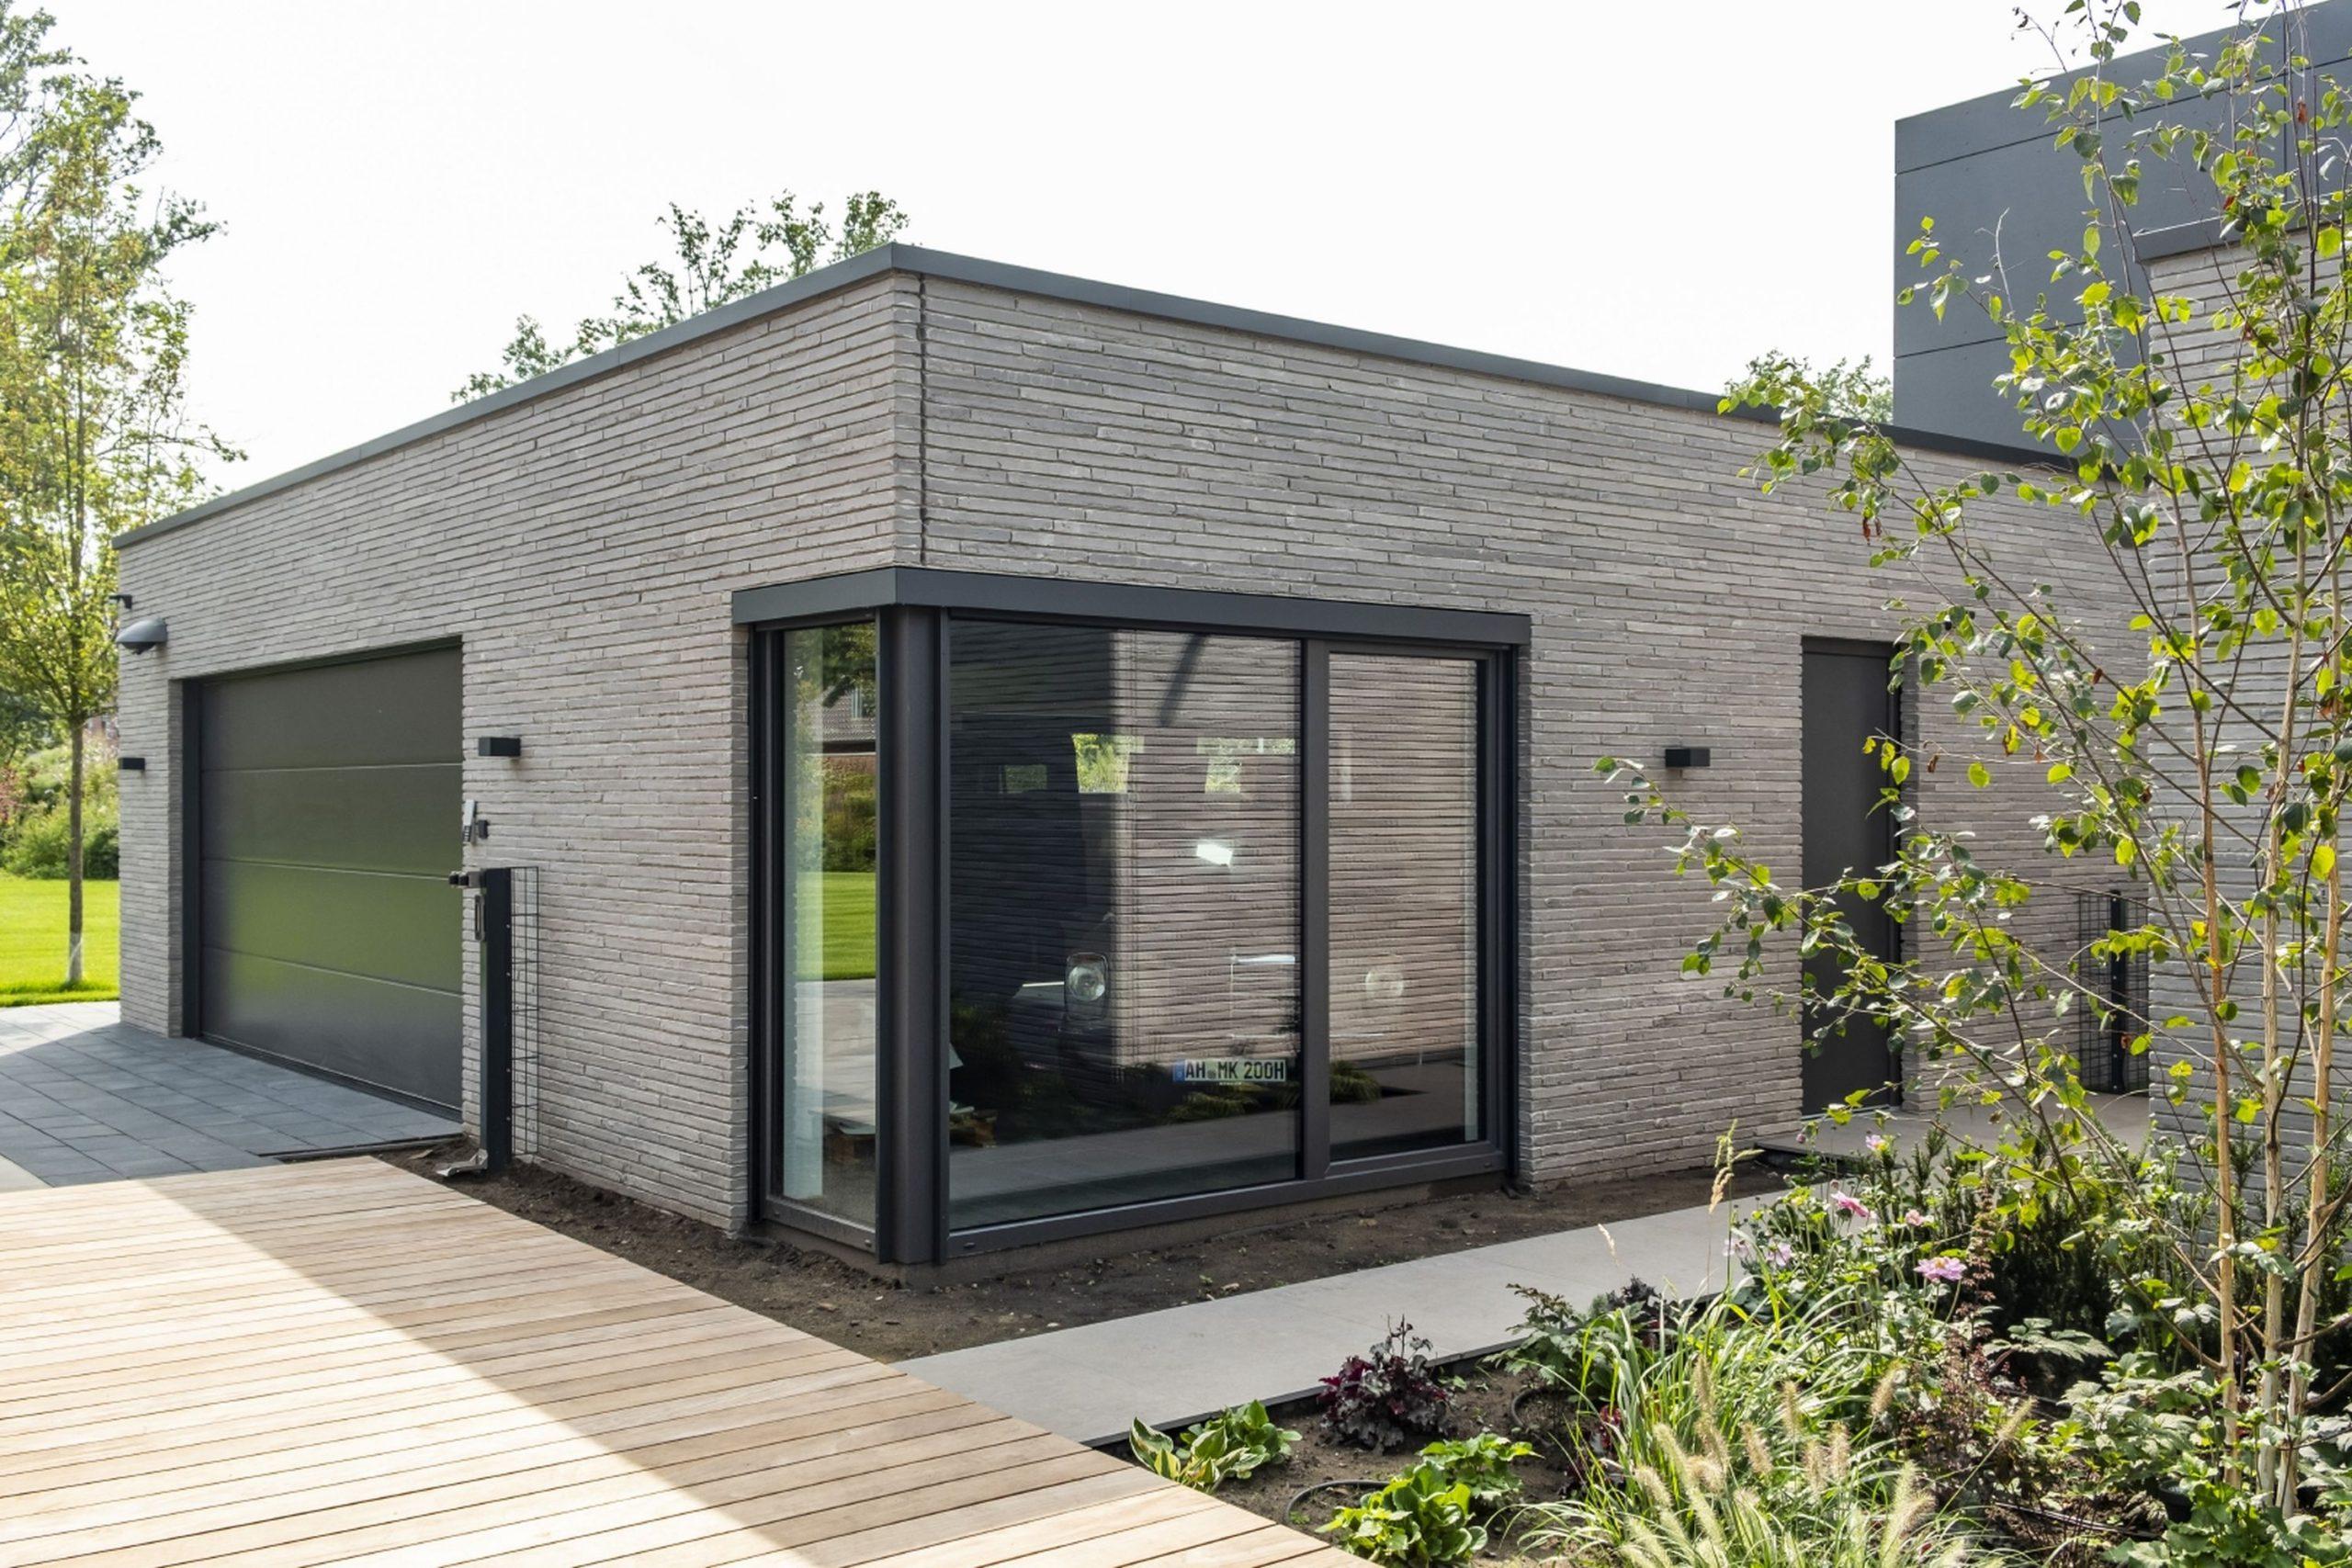 ac-kern-schiebesystem-türen-fenster-0003-scaled Fenster